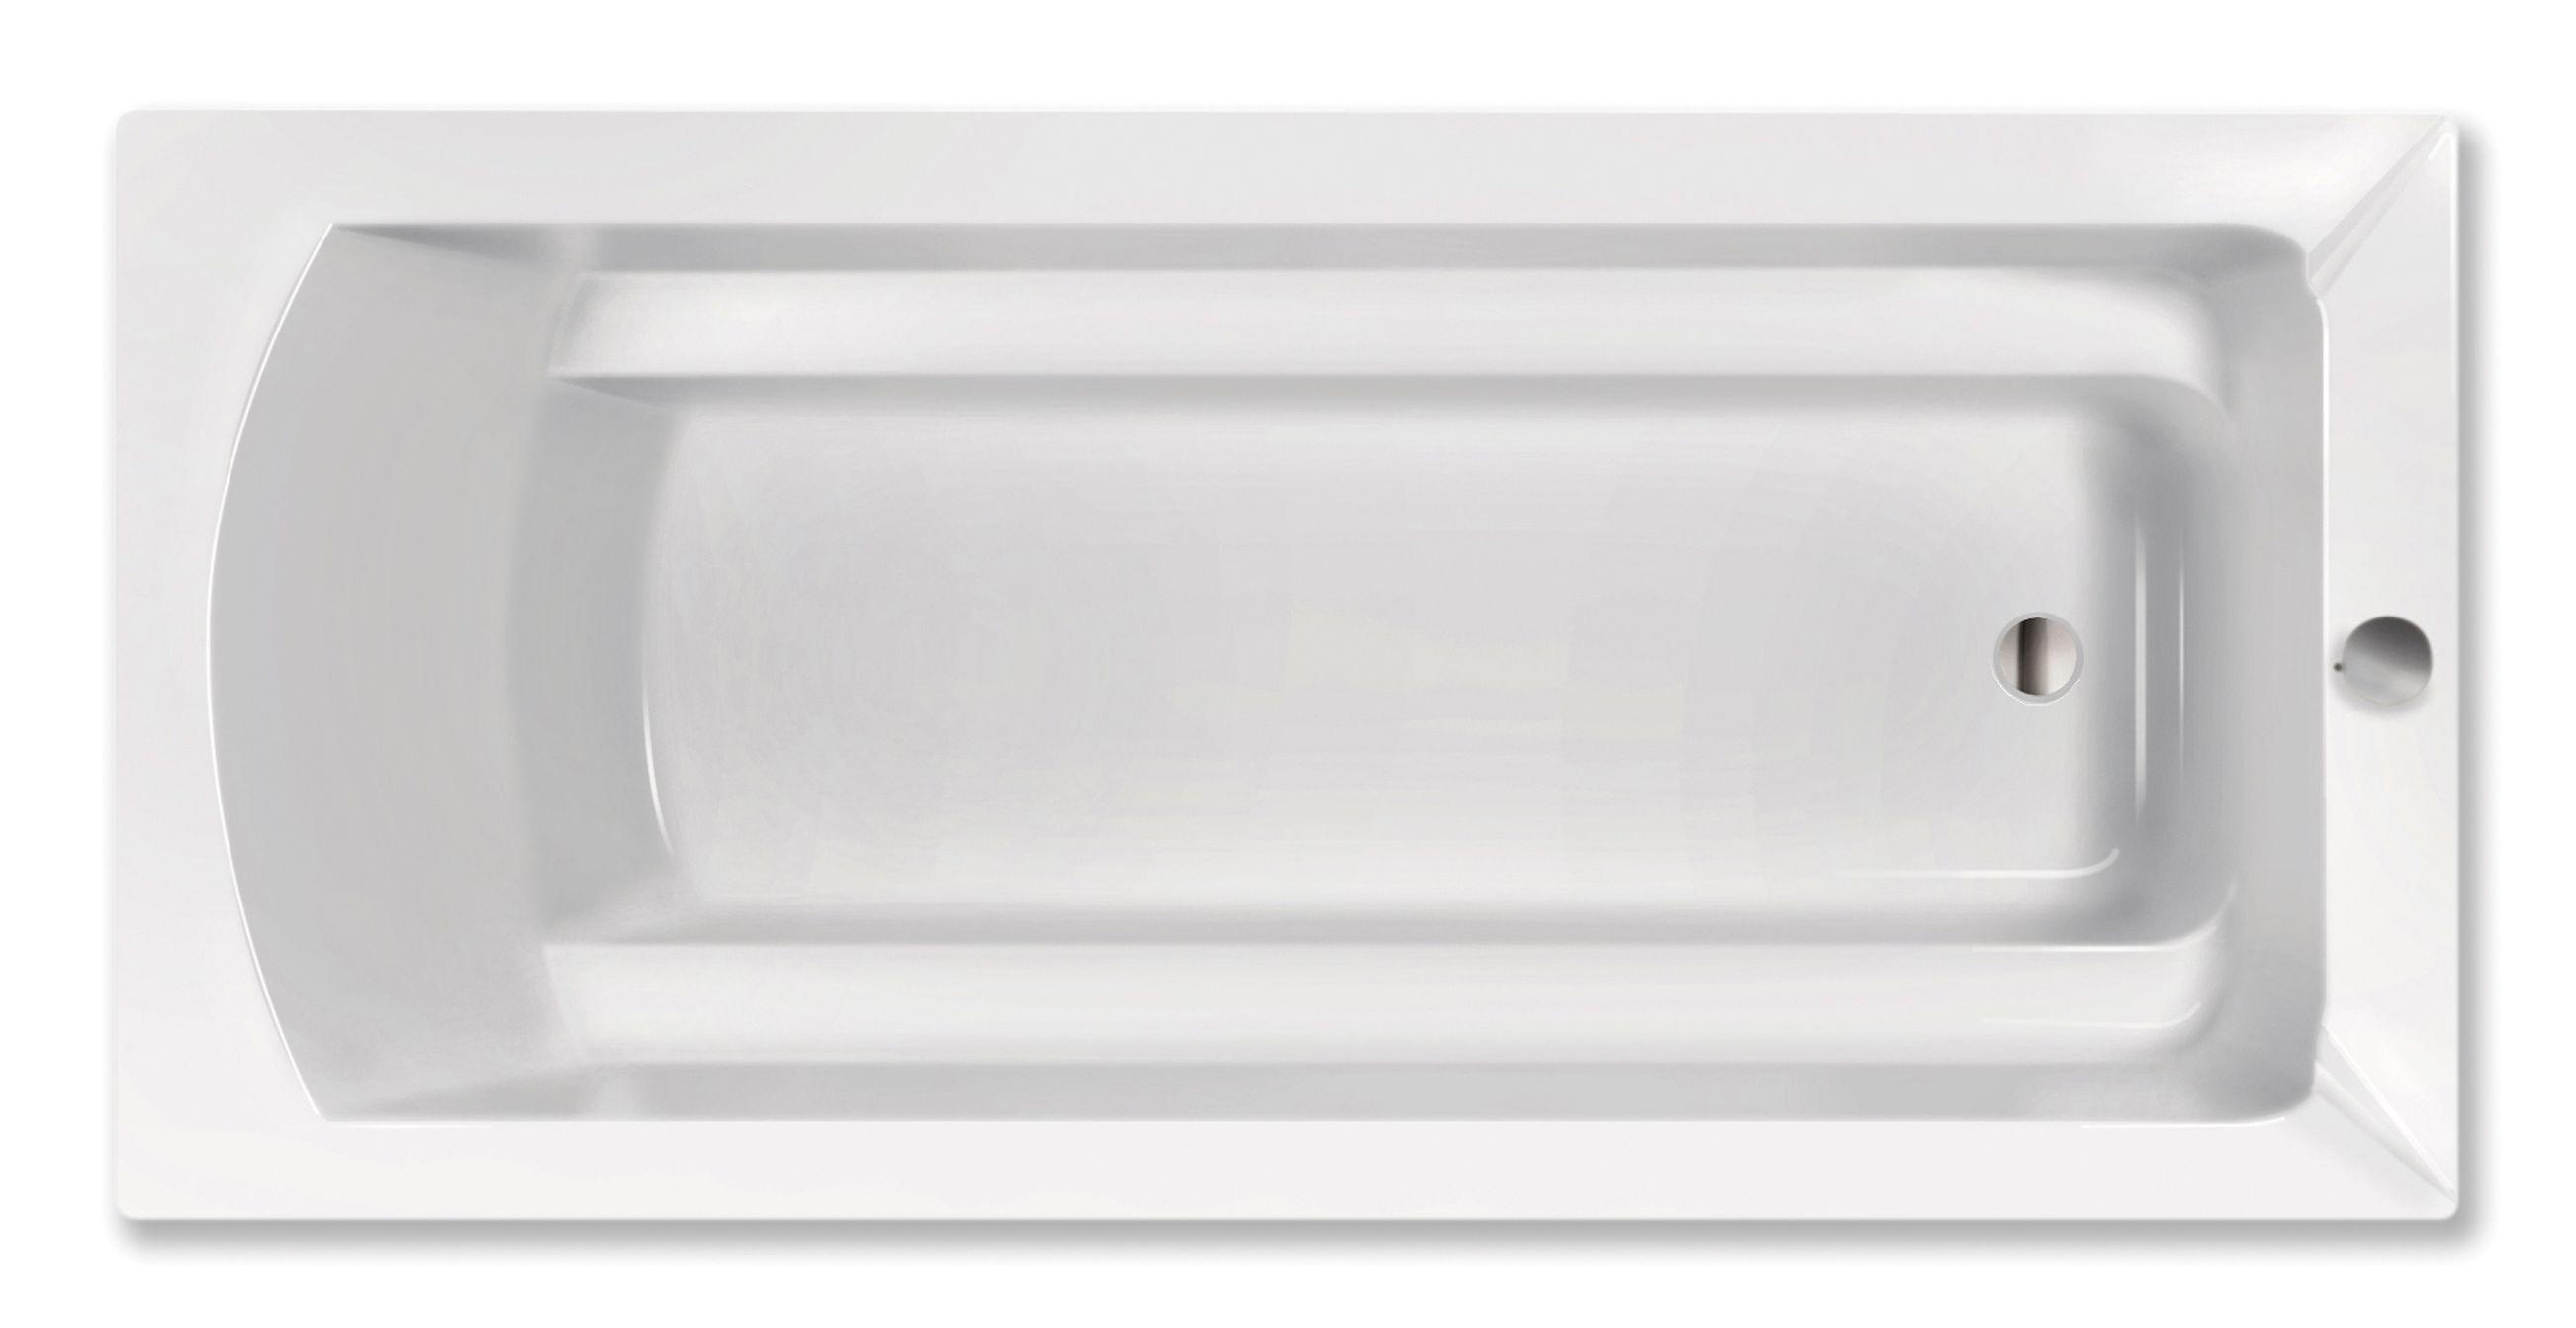 Xenz Bodysize douchebad 190x90x45cm crème